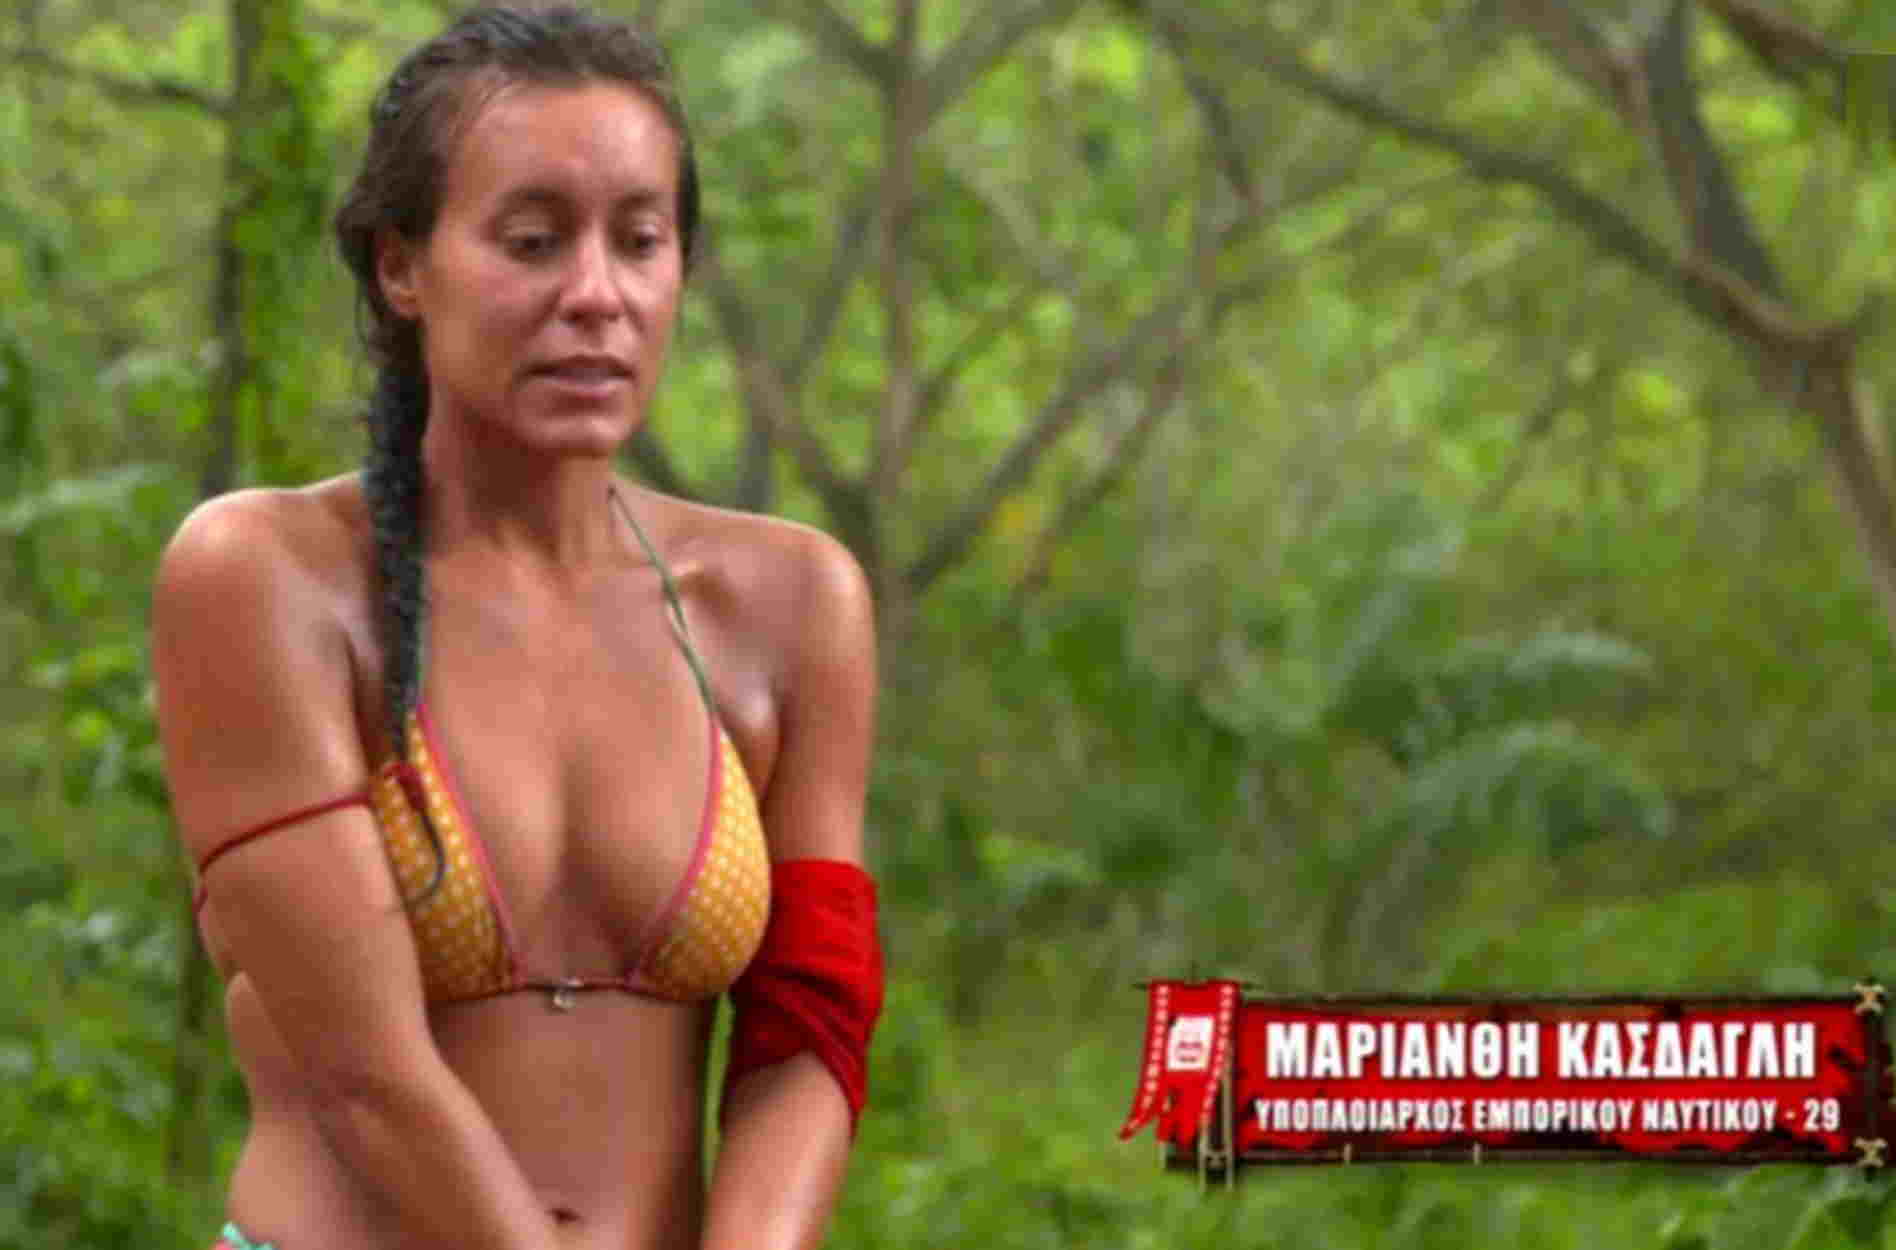 Μαριάνθη Κάσδαγλη – Survivor: Με κόκκινο μπικίνι στην παραλία μετά την αποχώρησή της